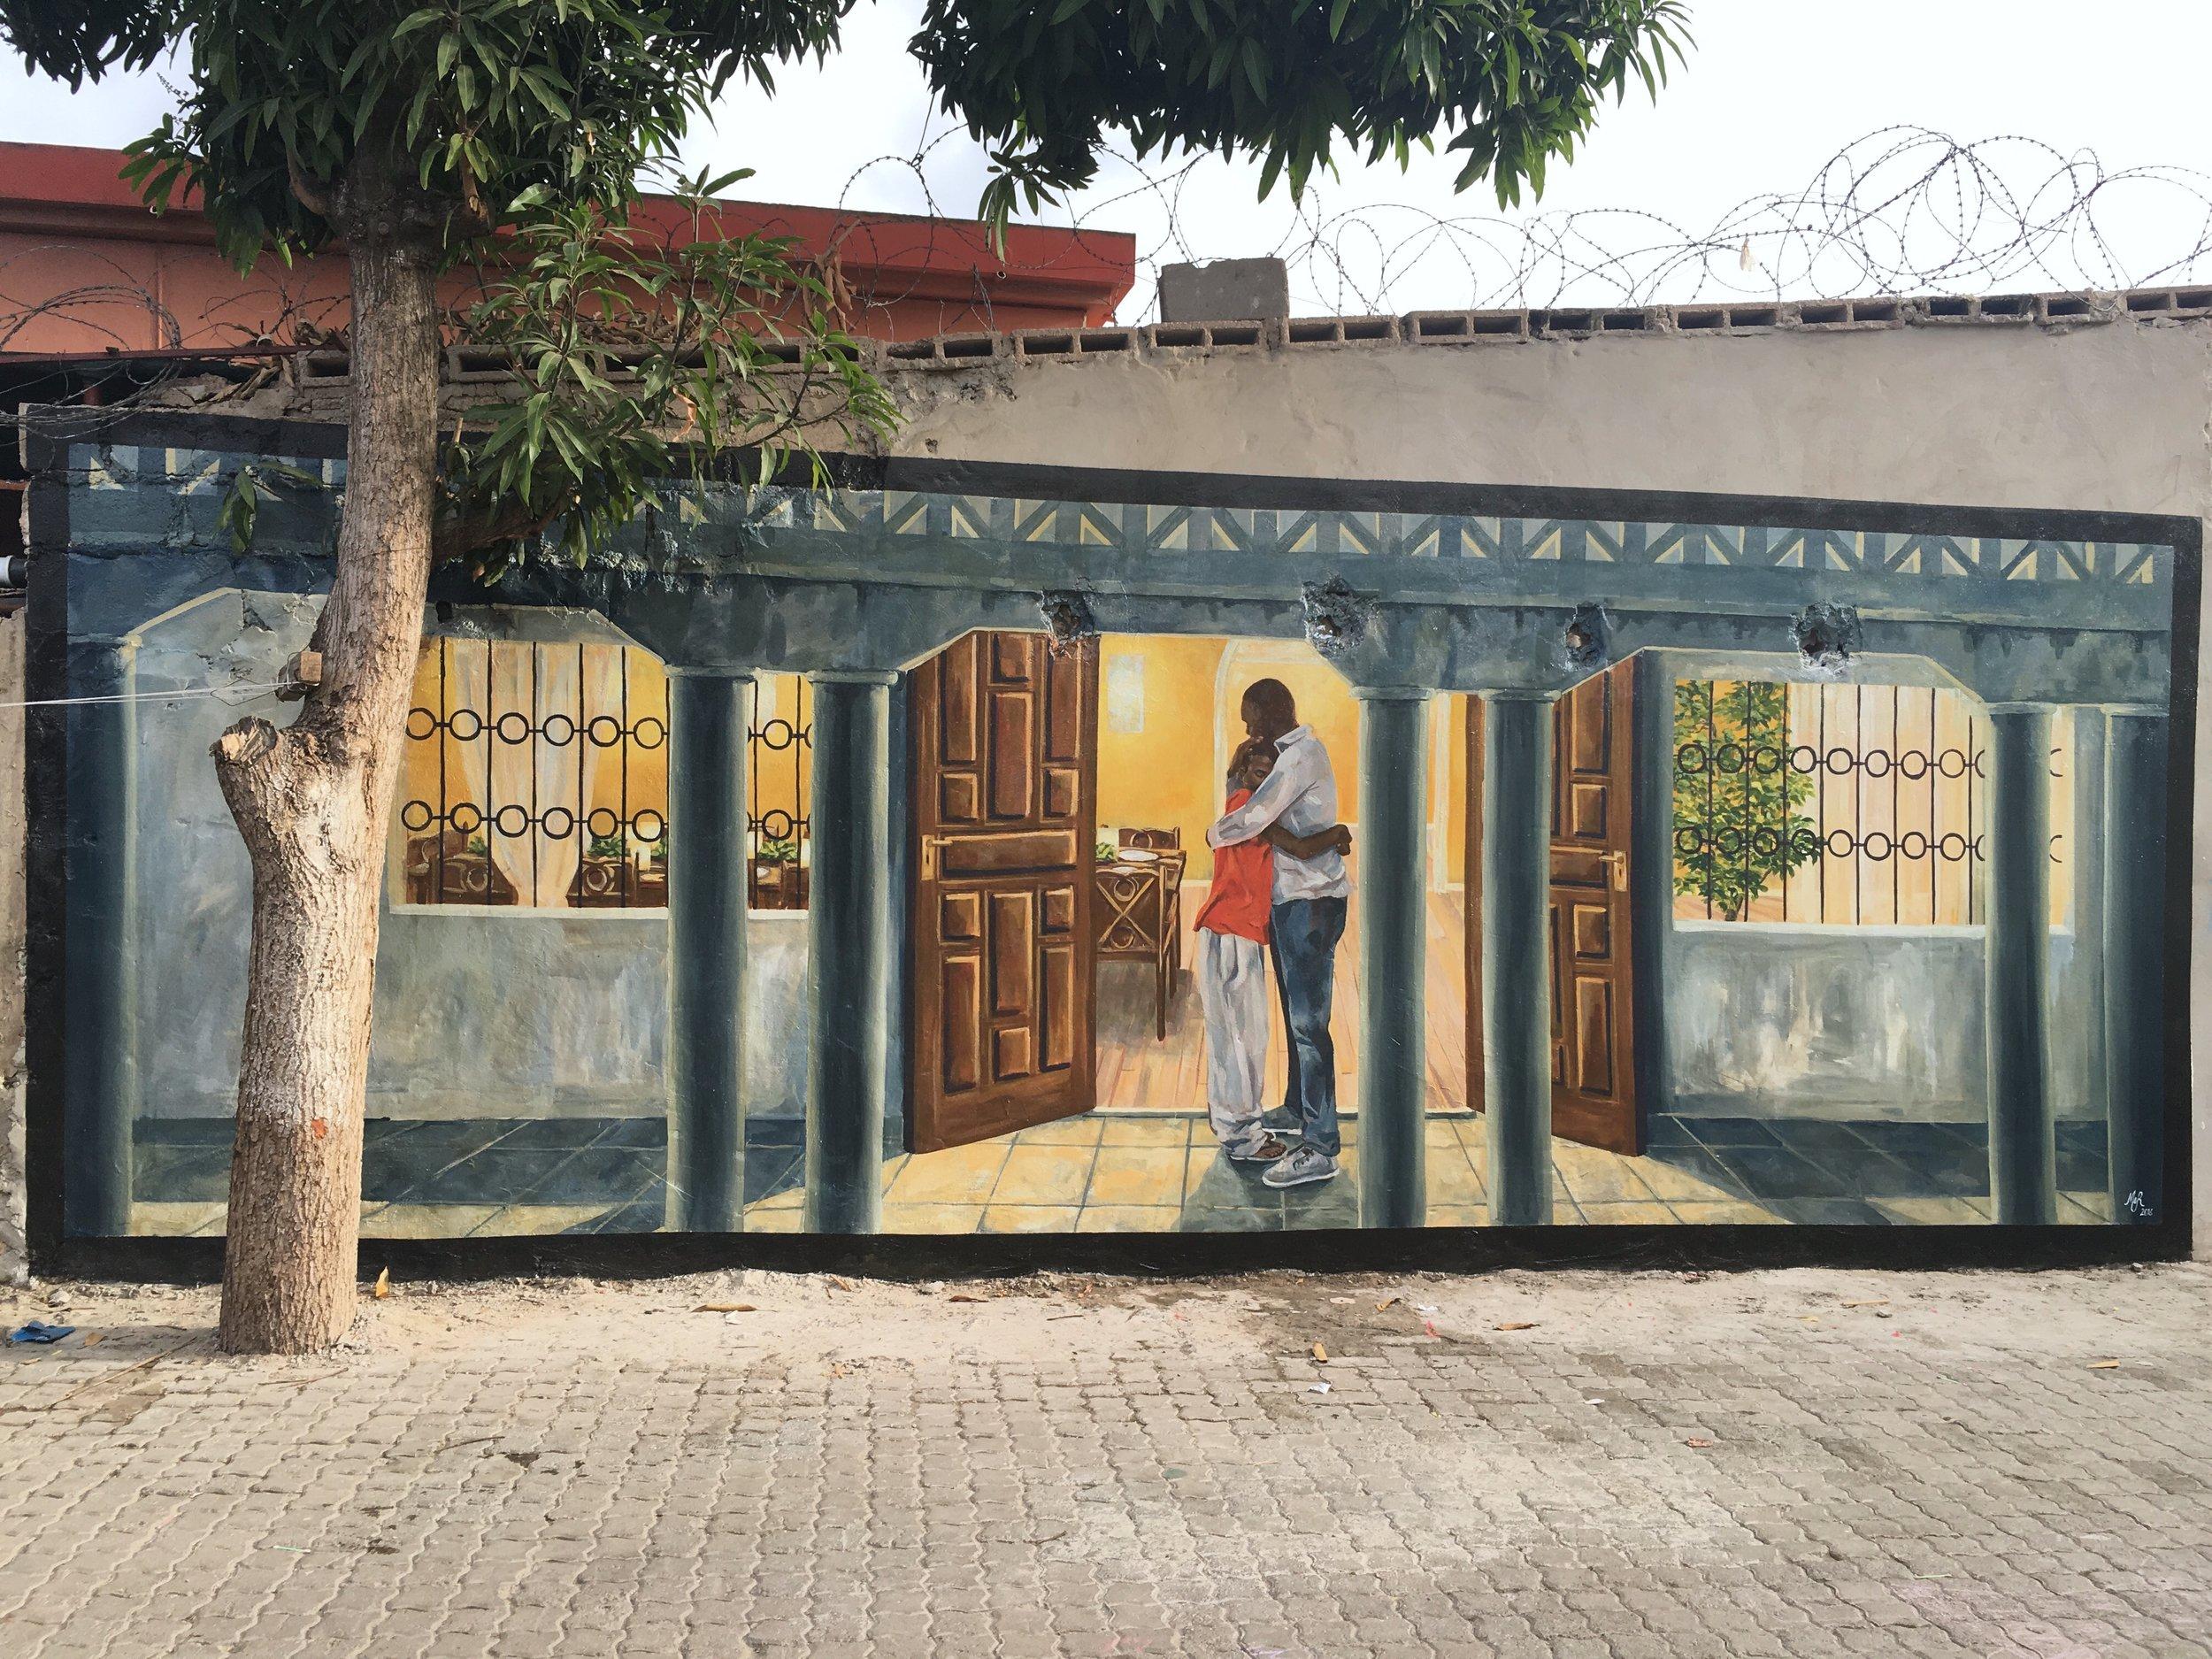 Return of the prodigal son, home. masana, maputo, mozambique.jpg